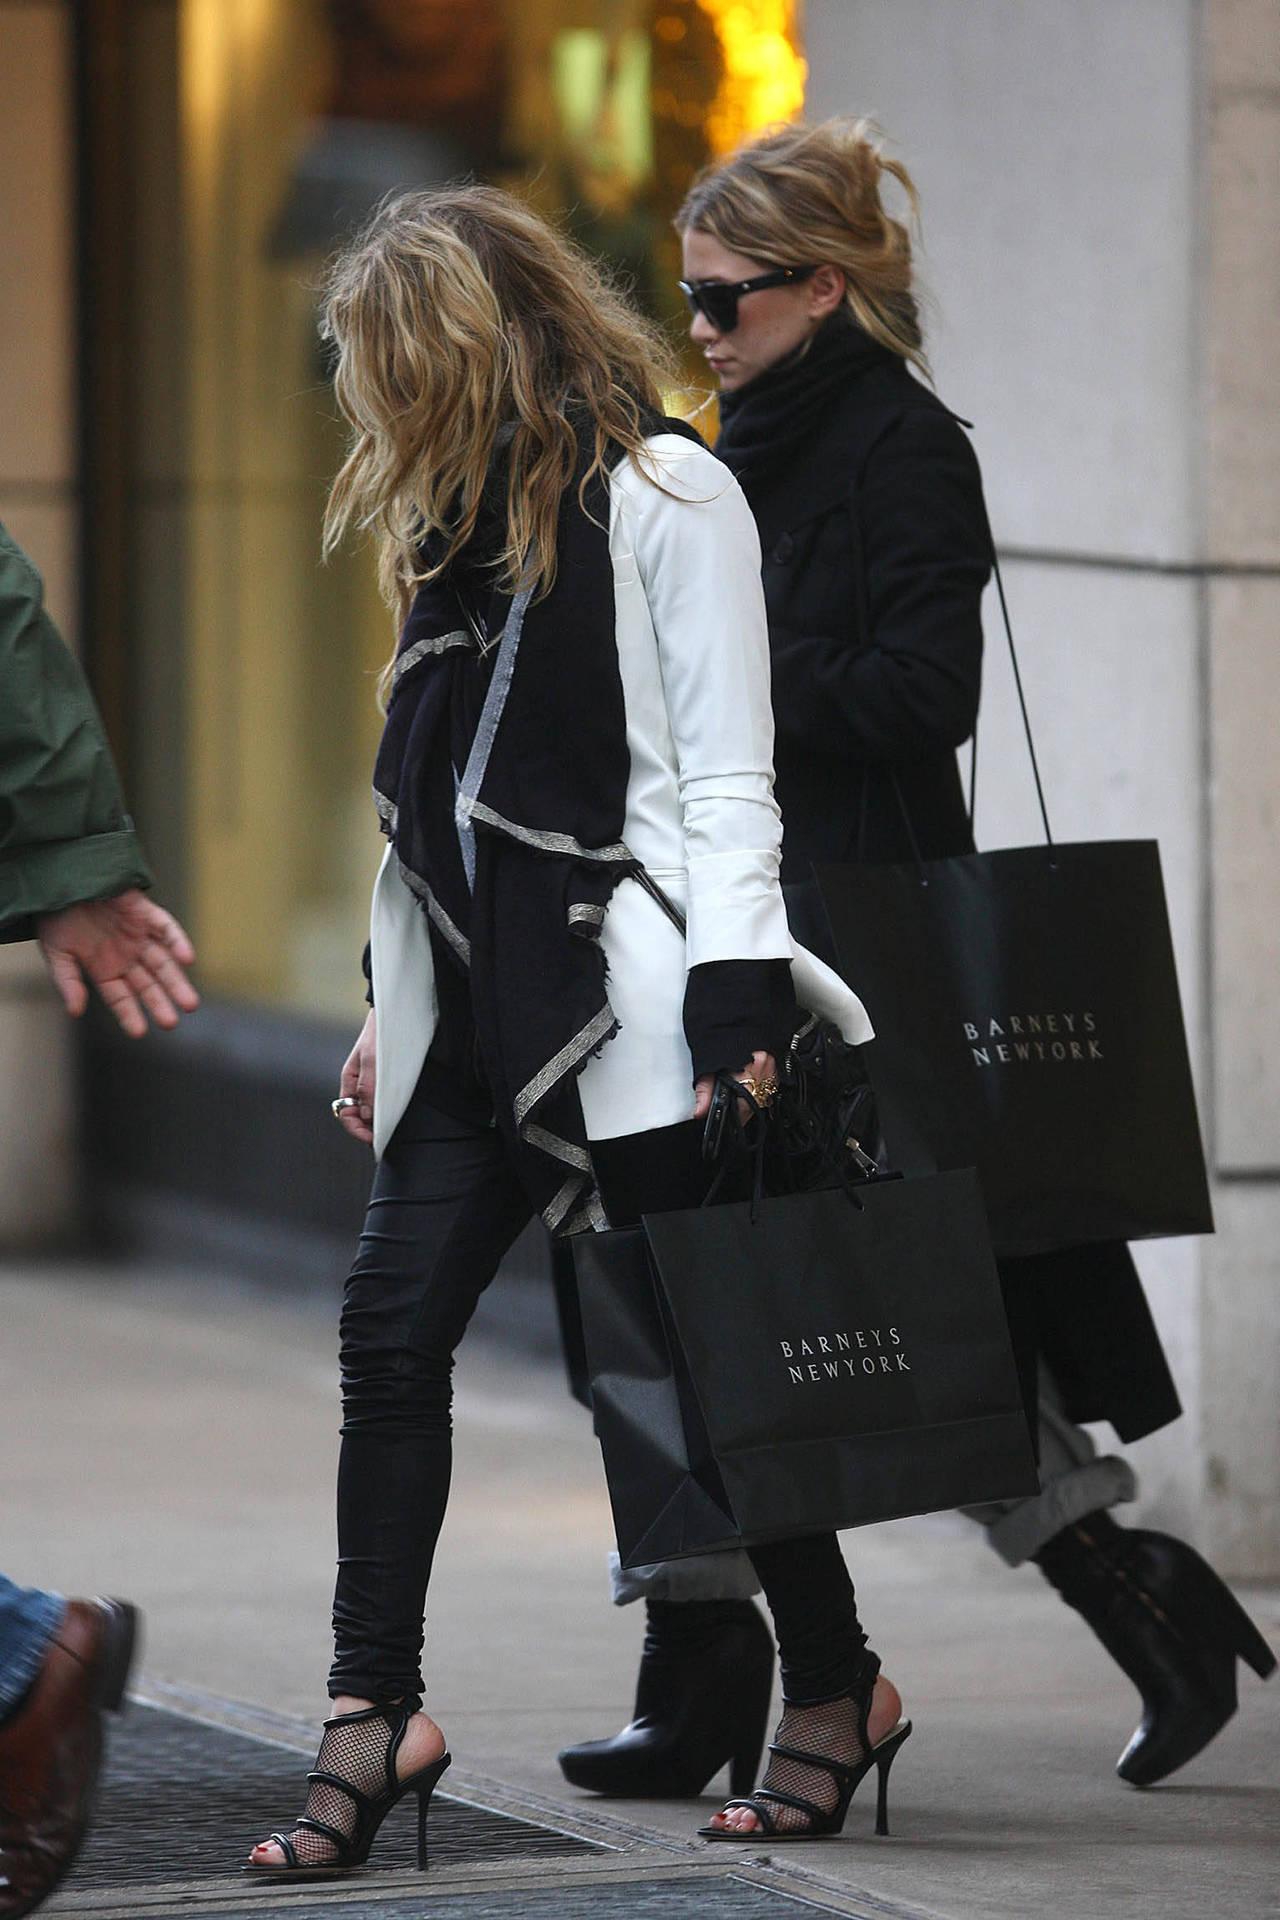 Street Style: MKA Olsen | BeLighter